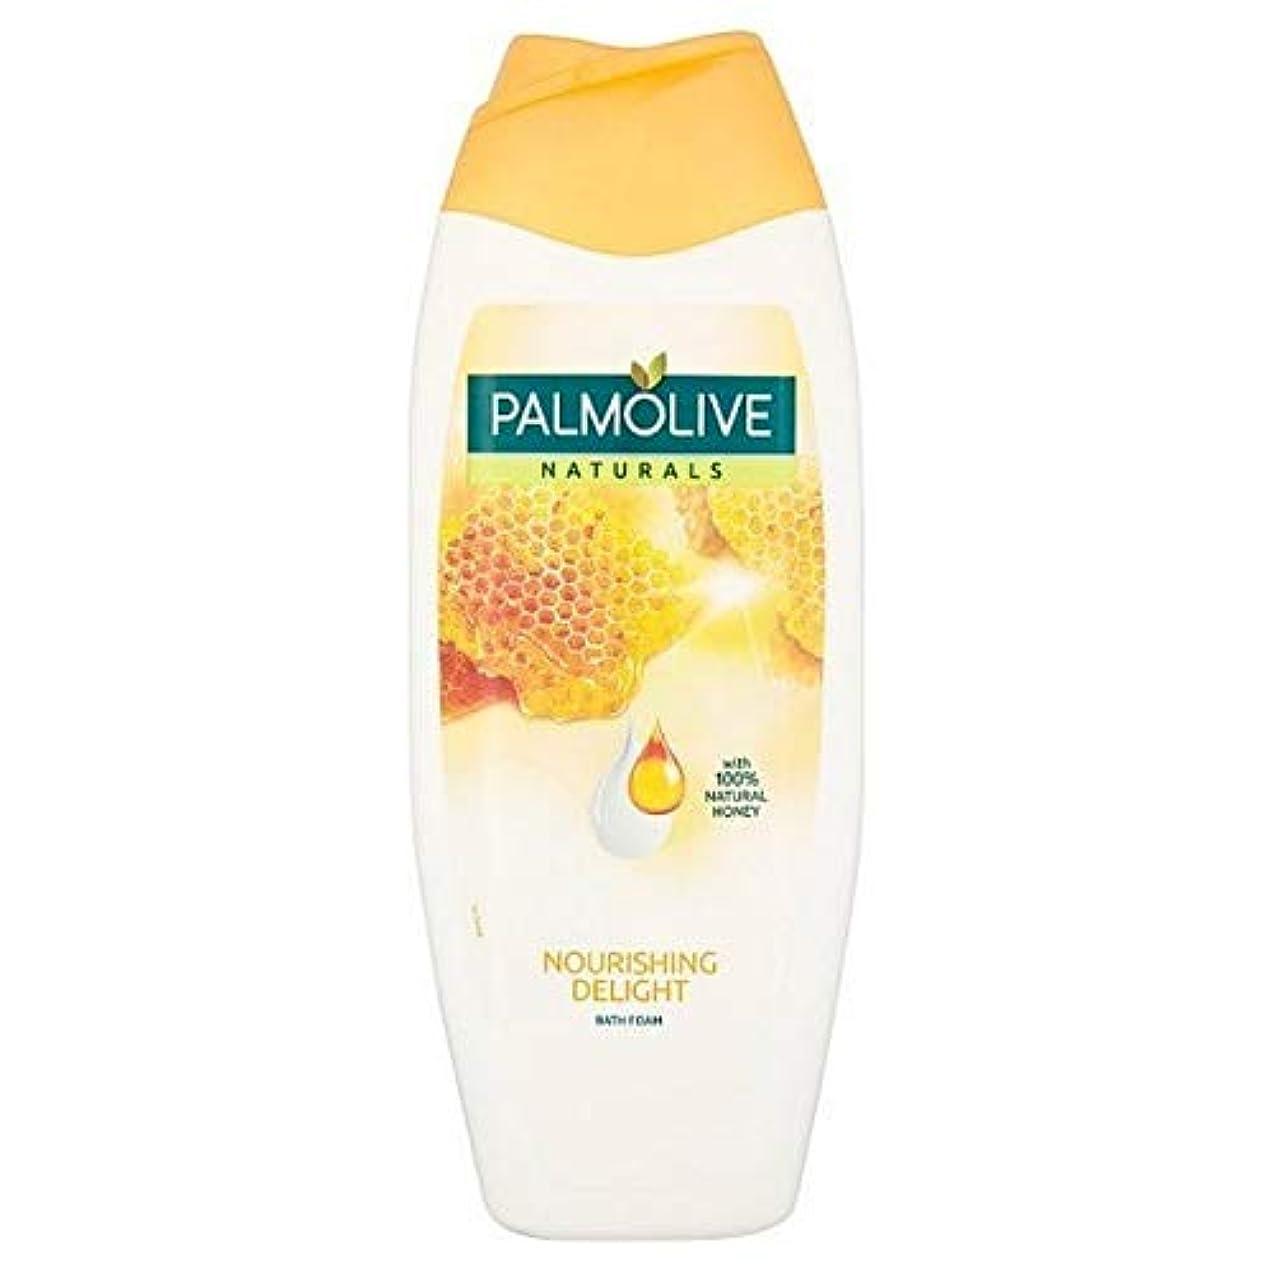 またはどちらか条件付き雄弁な[Palmolive ] 蜂蜜の500ミリリットルとパルモバスミルク - Palmolive Bath Milk With Honey 500ml [並行輸入品]